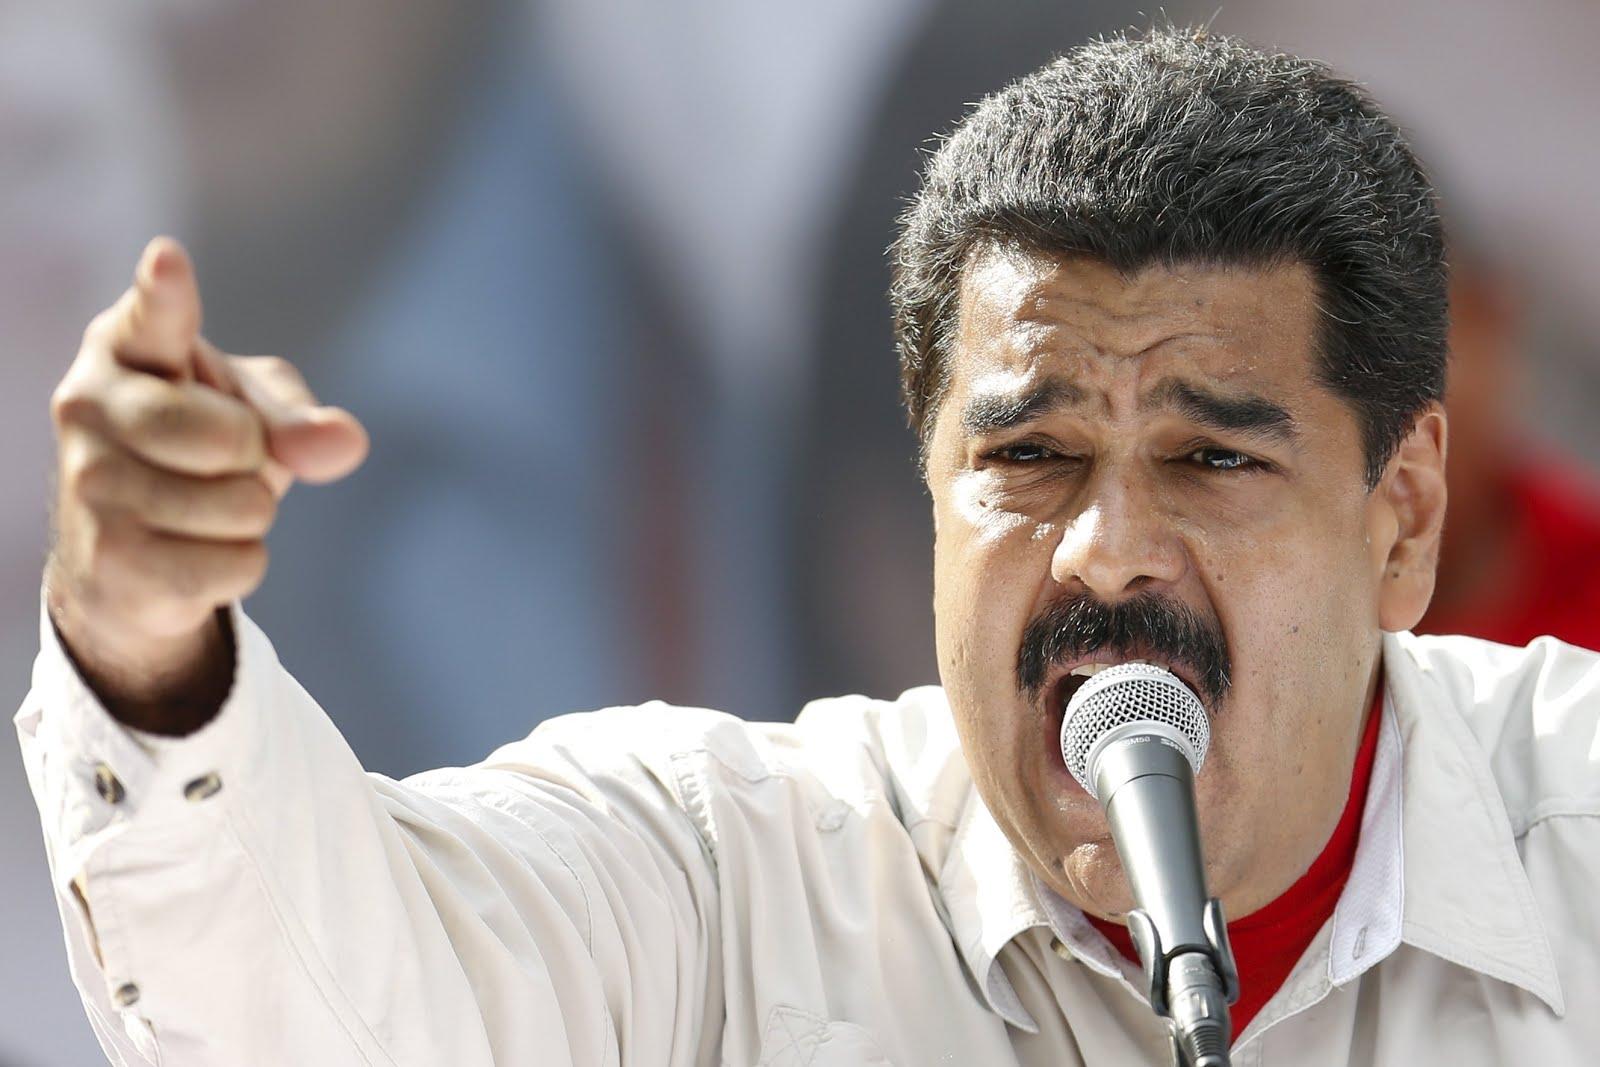 ALARMA: Impactante - Enterate de lo que tienen planeado contra Venezuela para 2017.